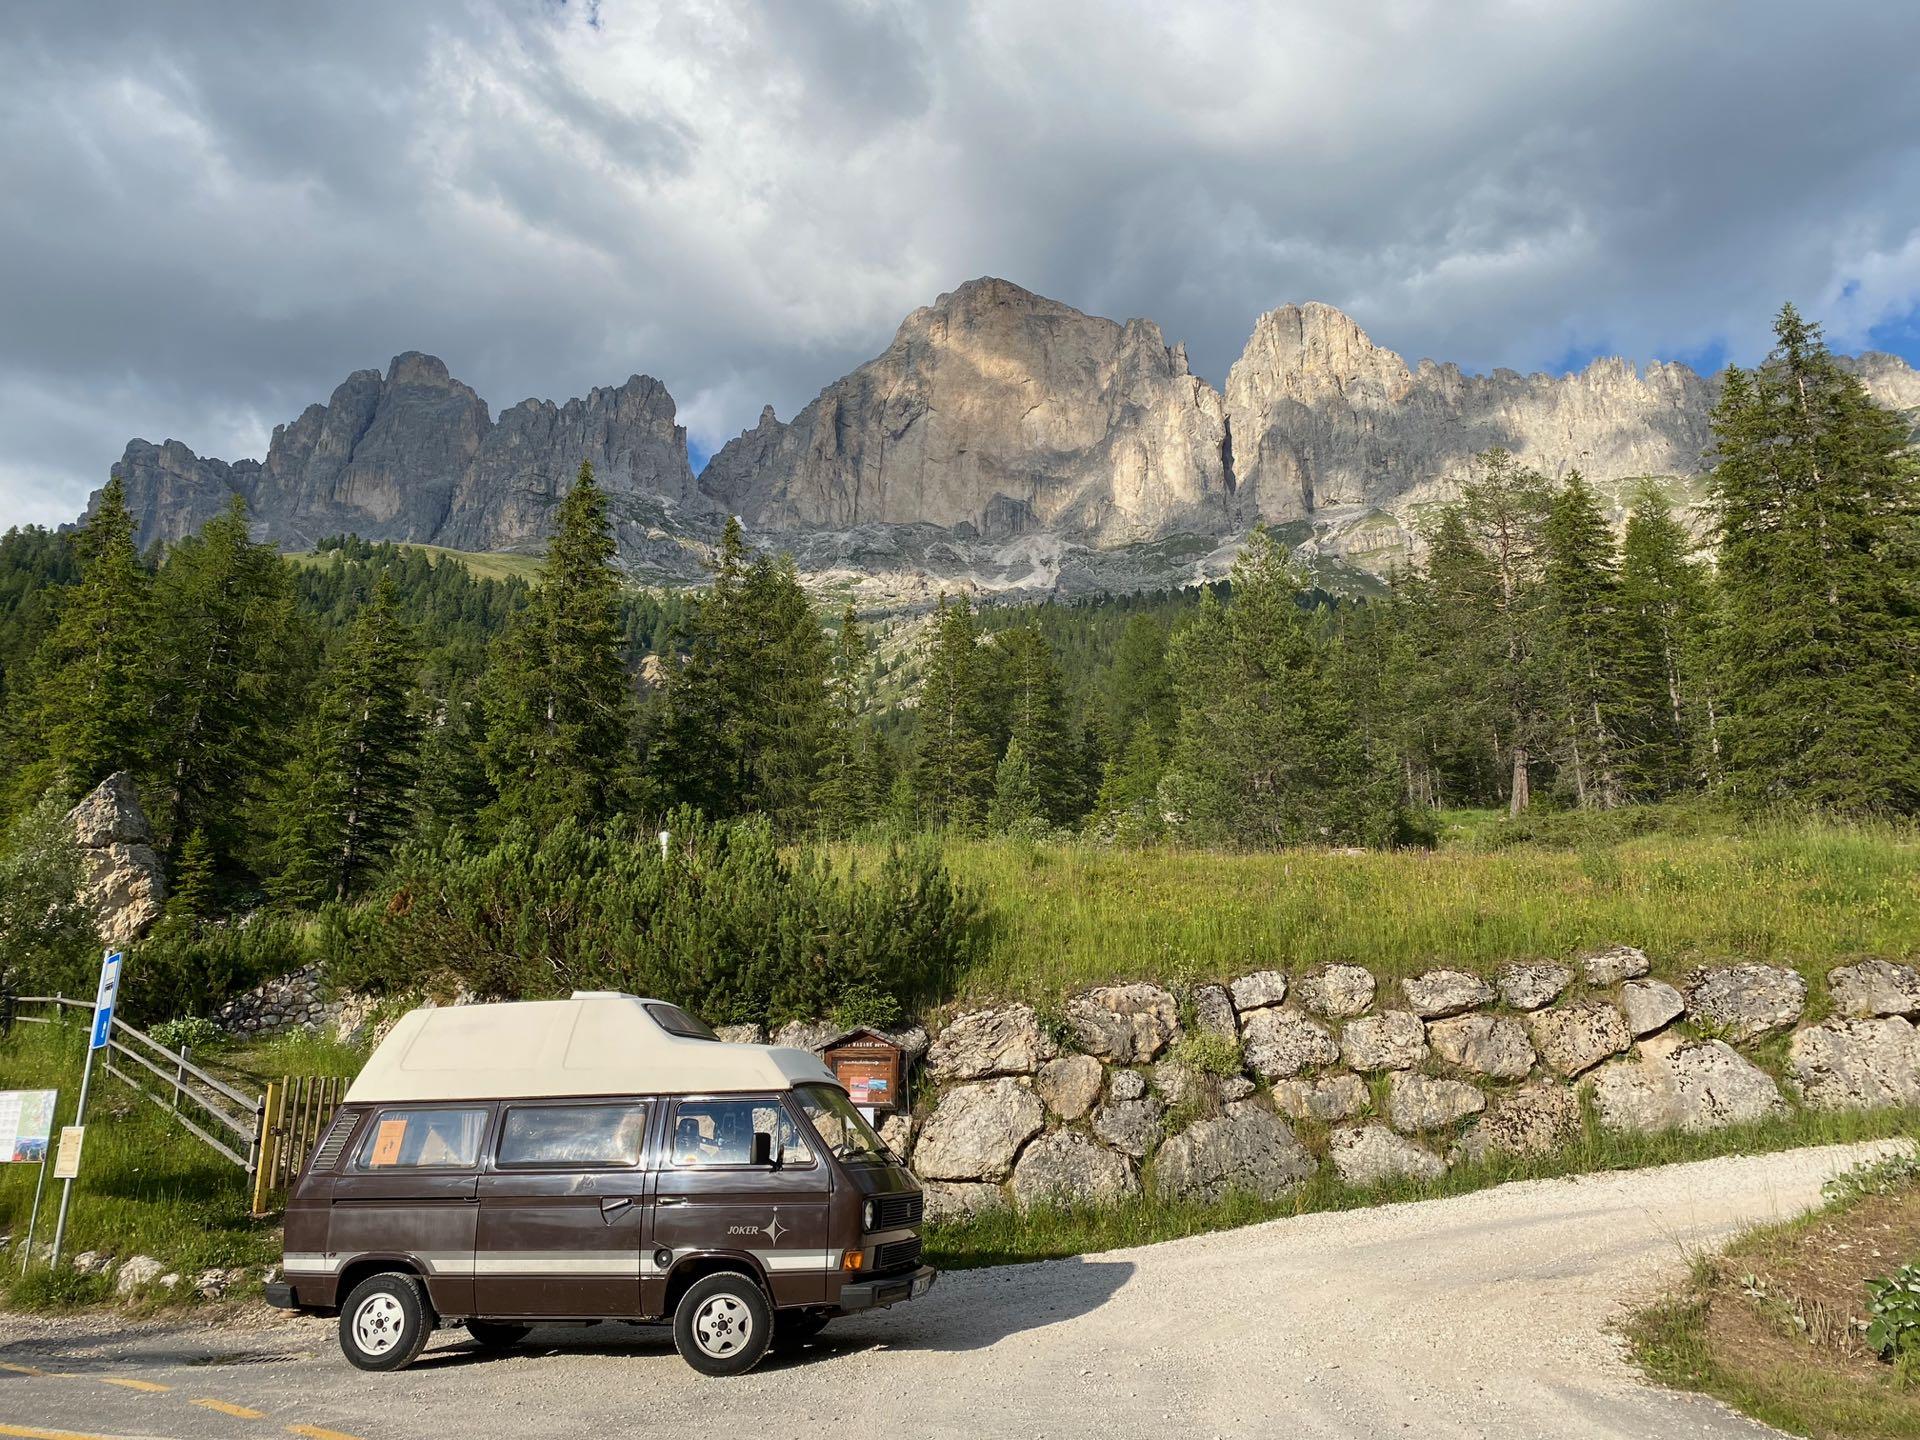 Van in front of Dolomites